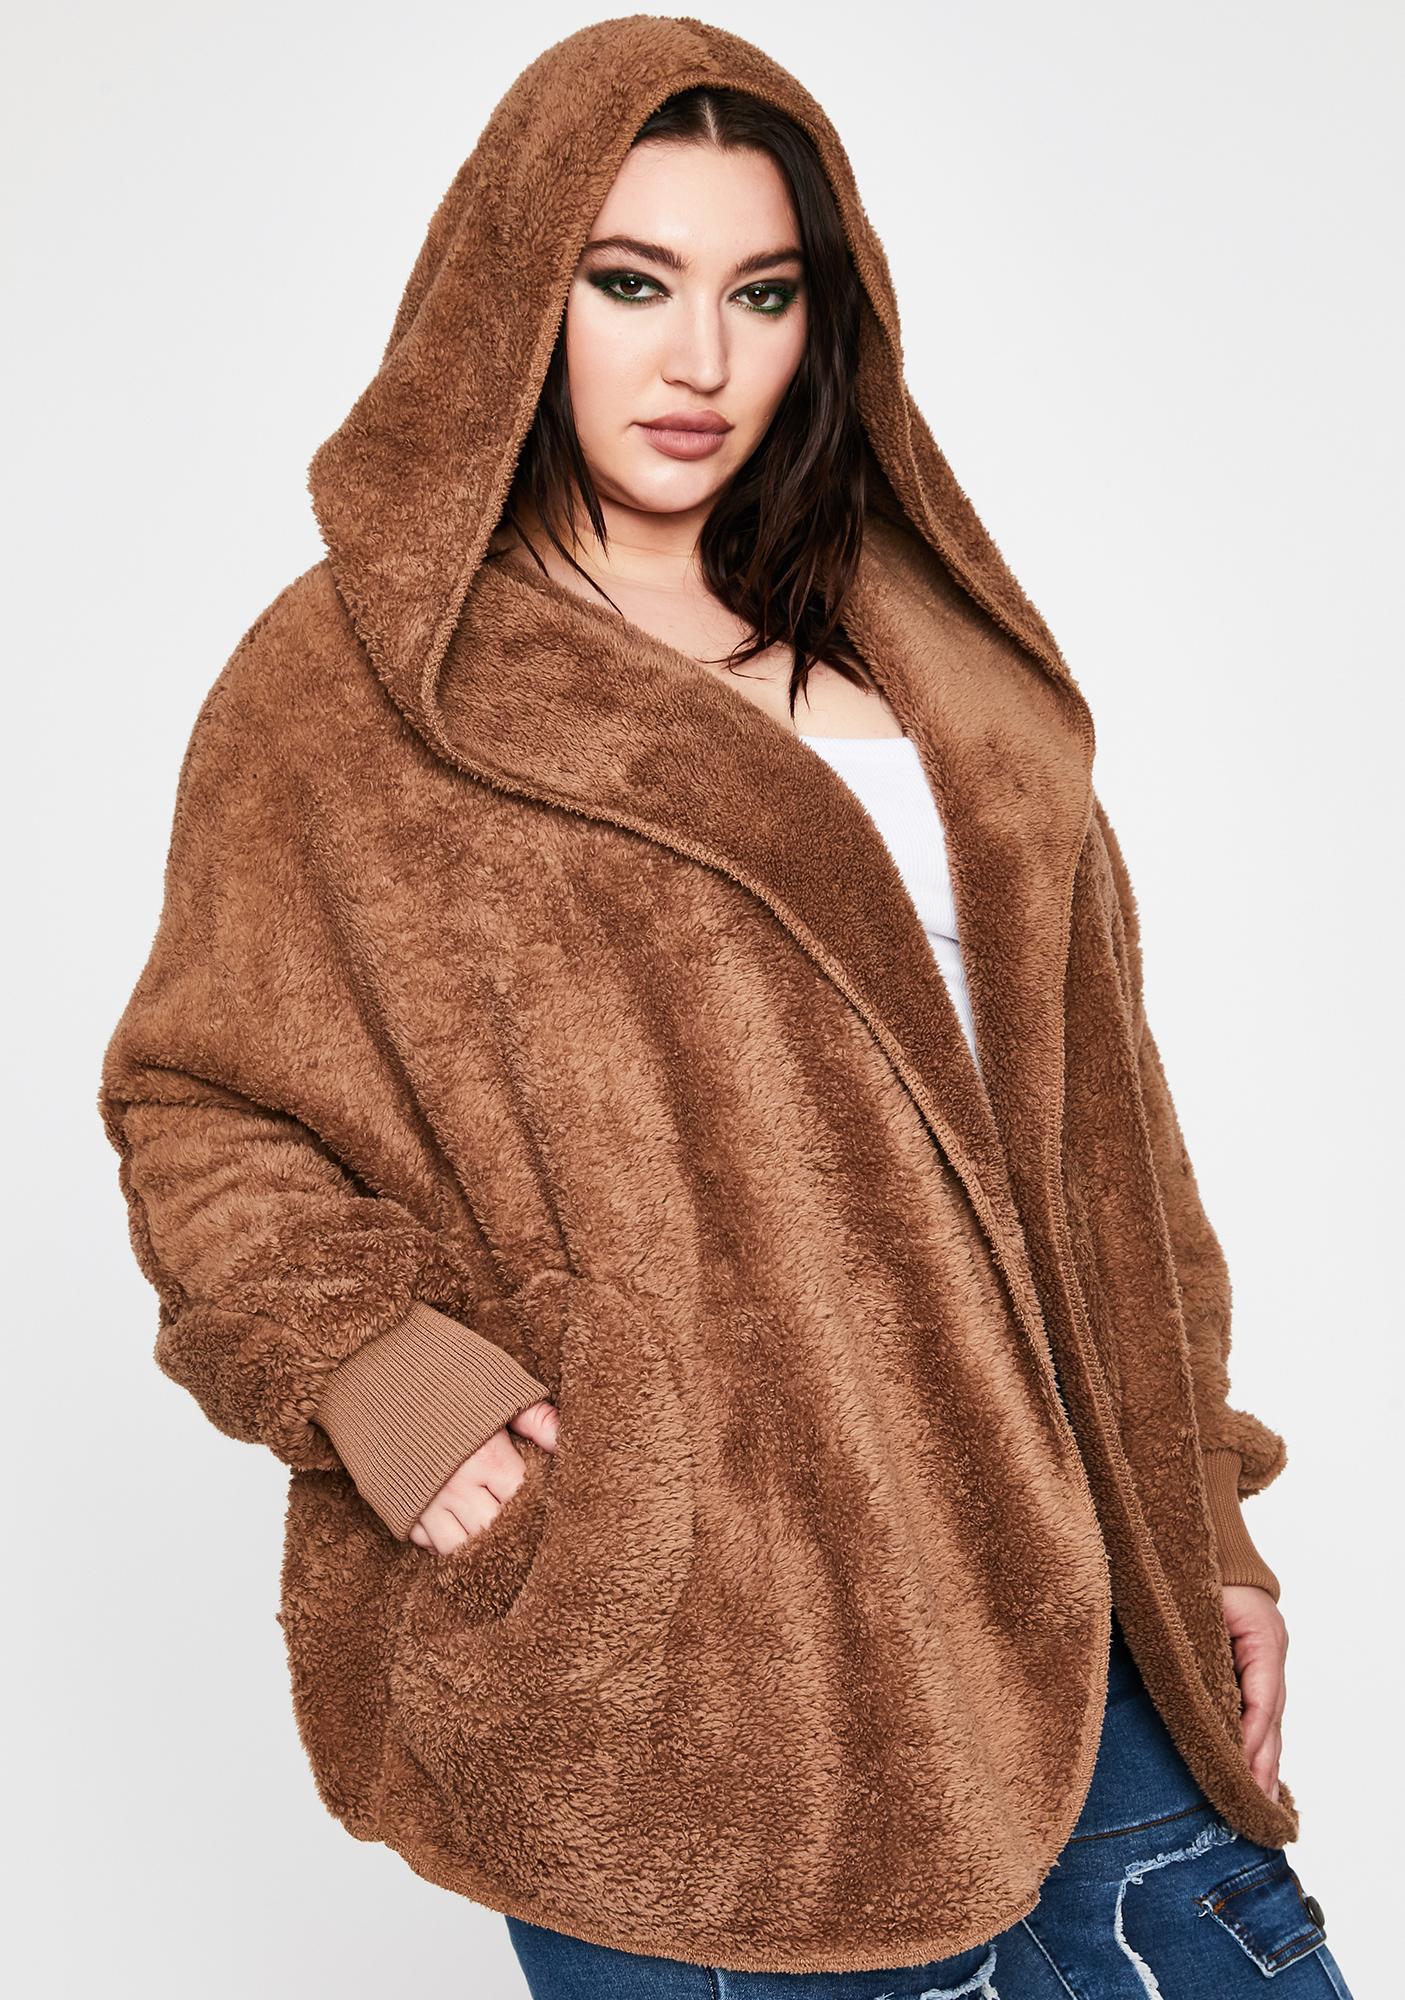 Mocha Soft Girl Szn Plush Jacket